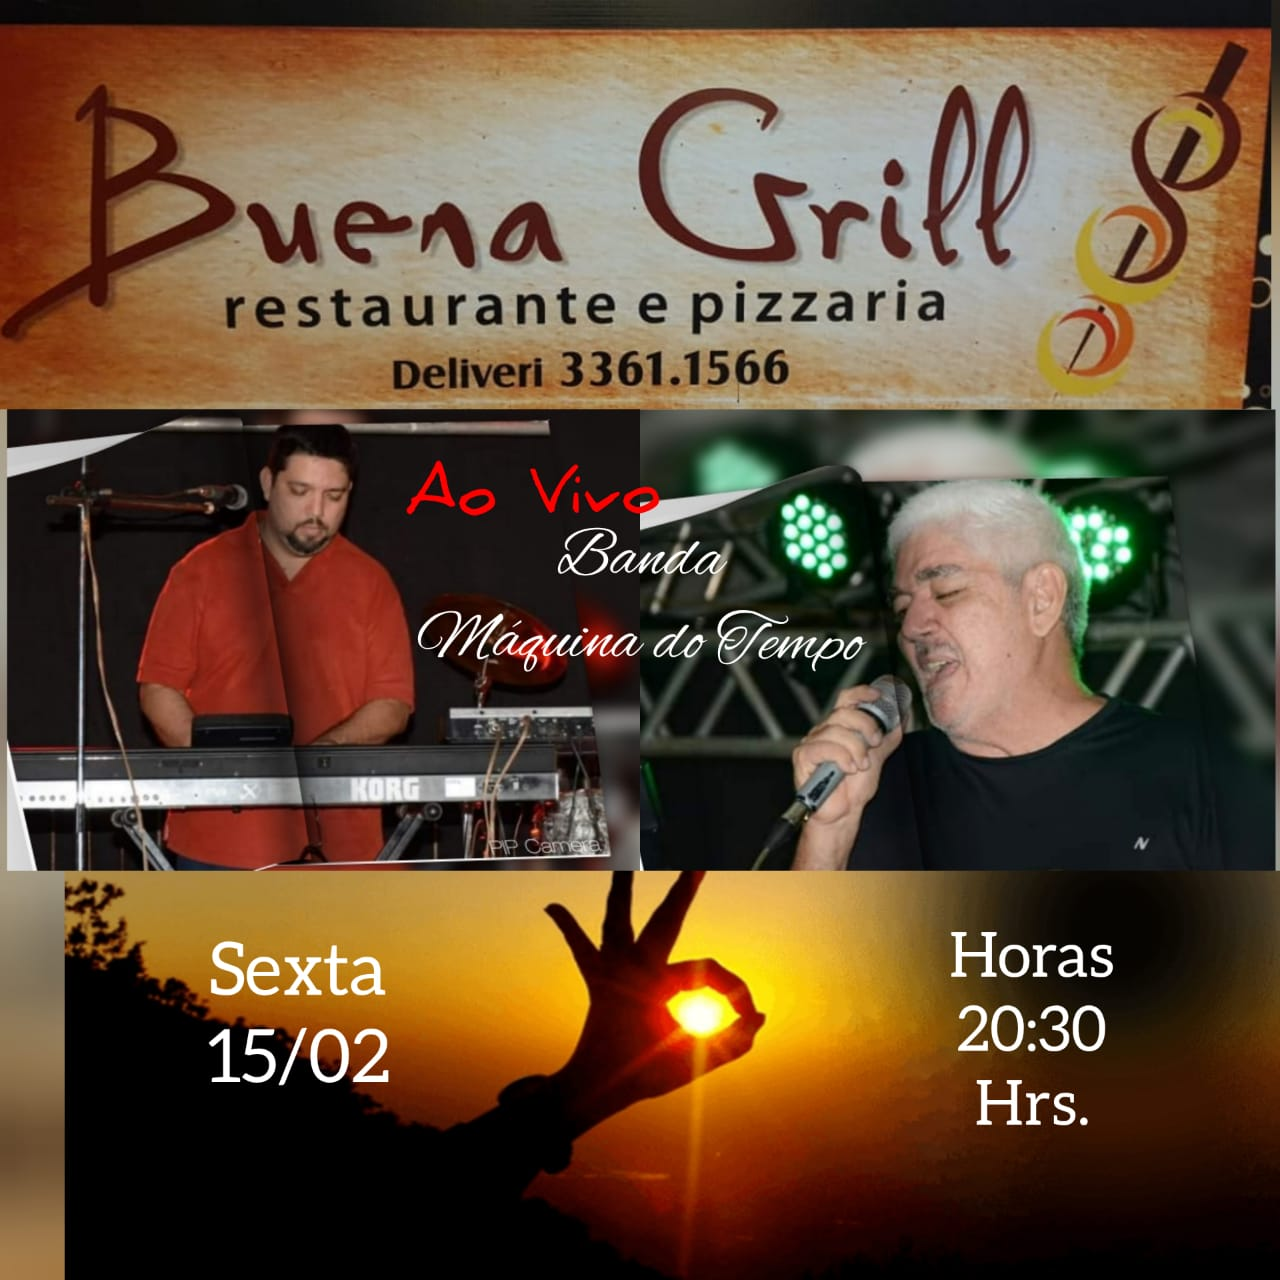 Nesta sexta tem flashback ao vivo no Buena Grill em Paraíso